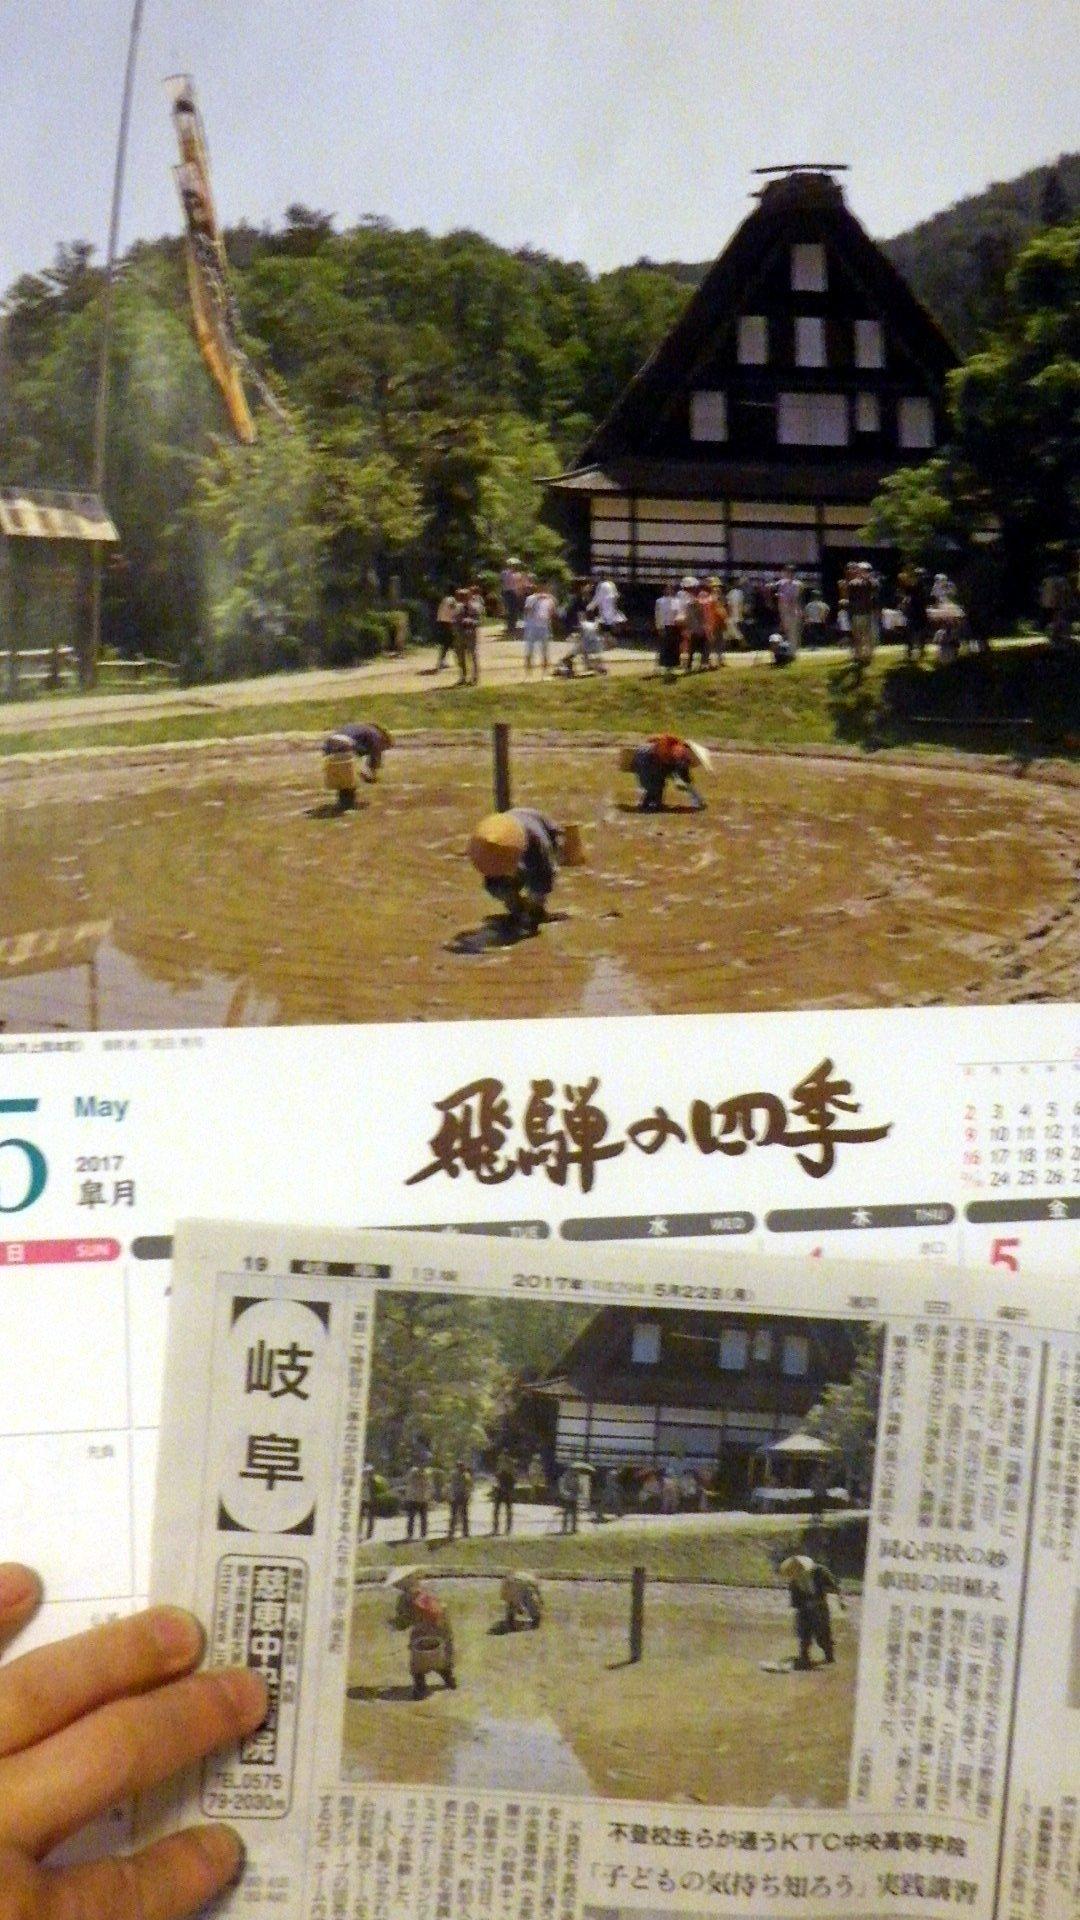 170522Hida-no-sato3.jpg